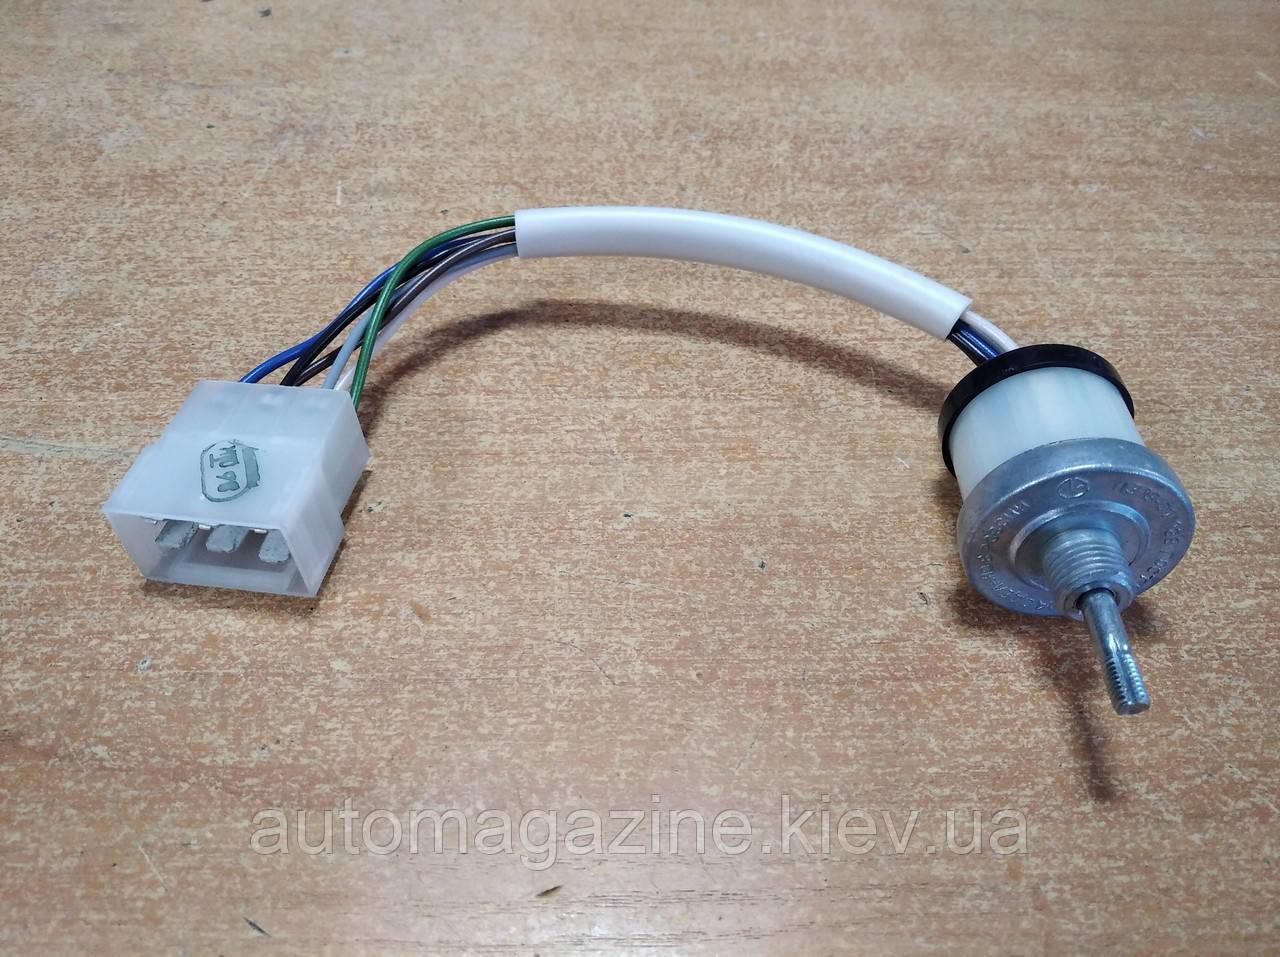 Переключатель стеклоочистителя УАЗ, ГАЗ 66 (П-315)